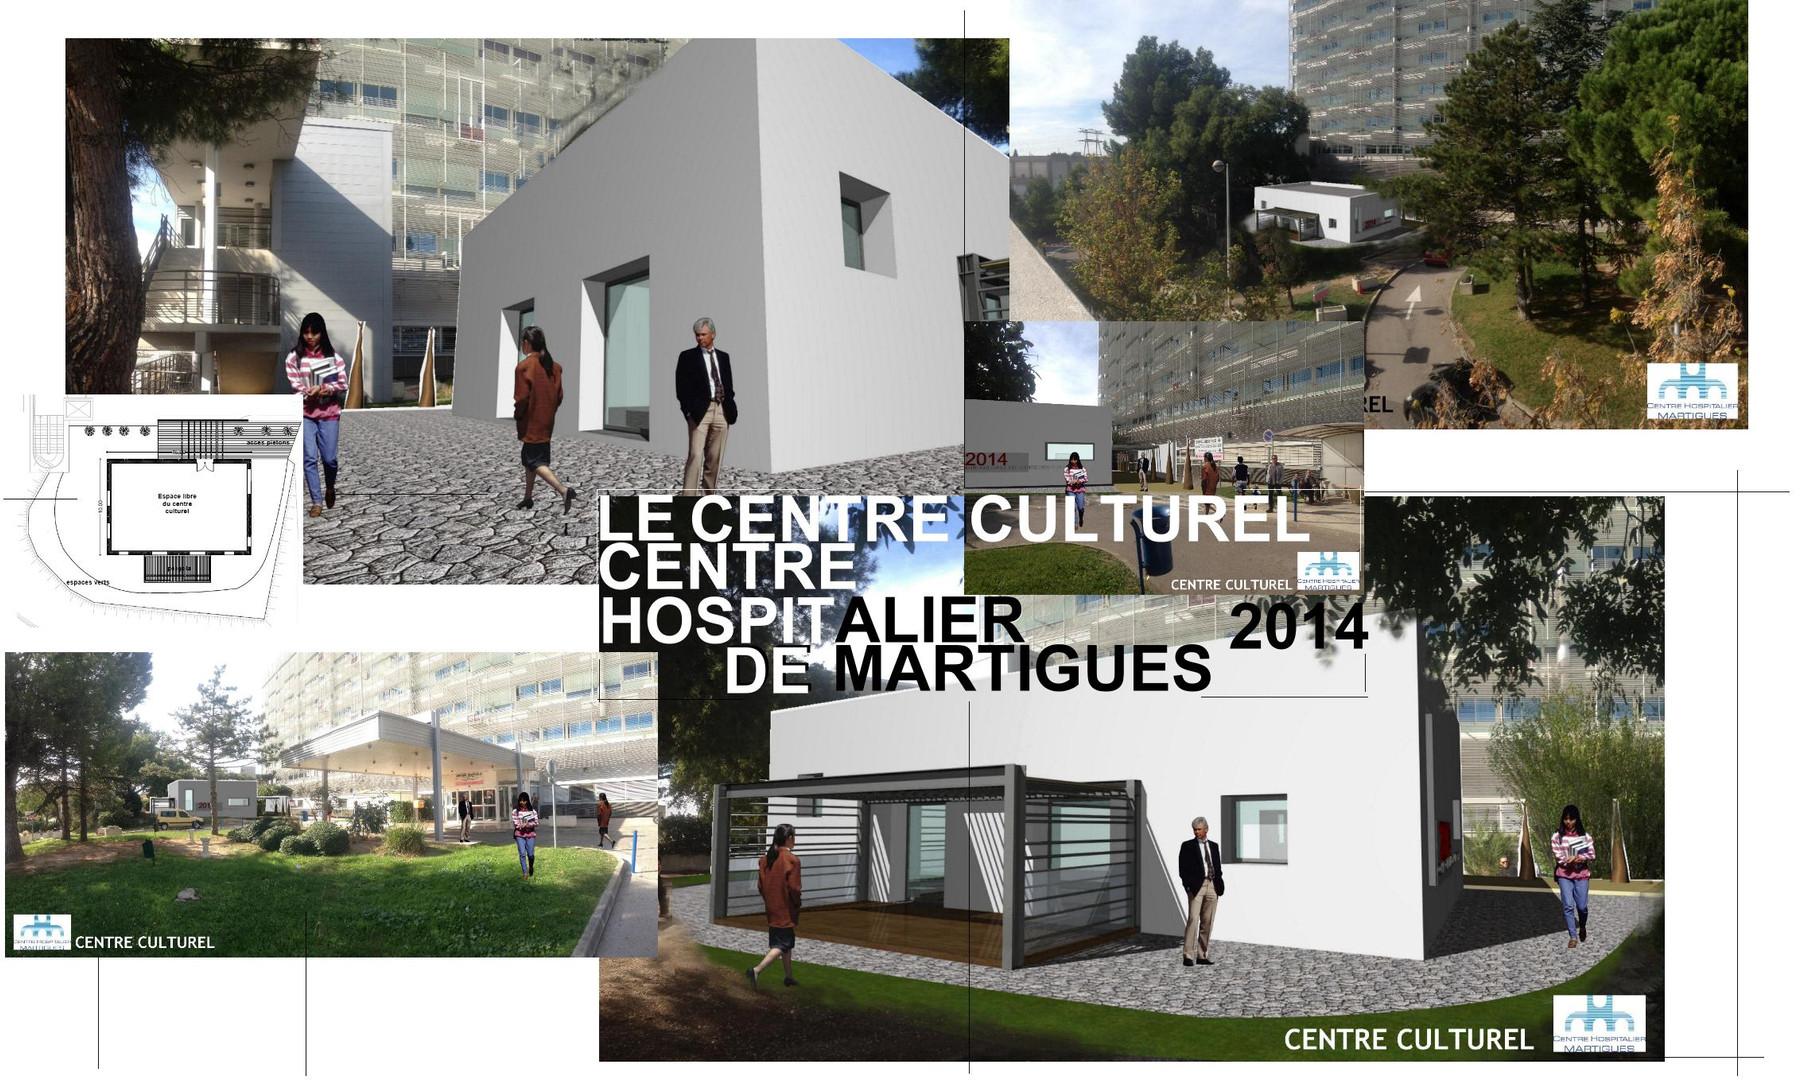 088-centreculturelCHM.jpg